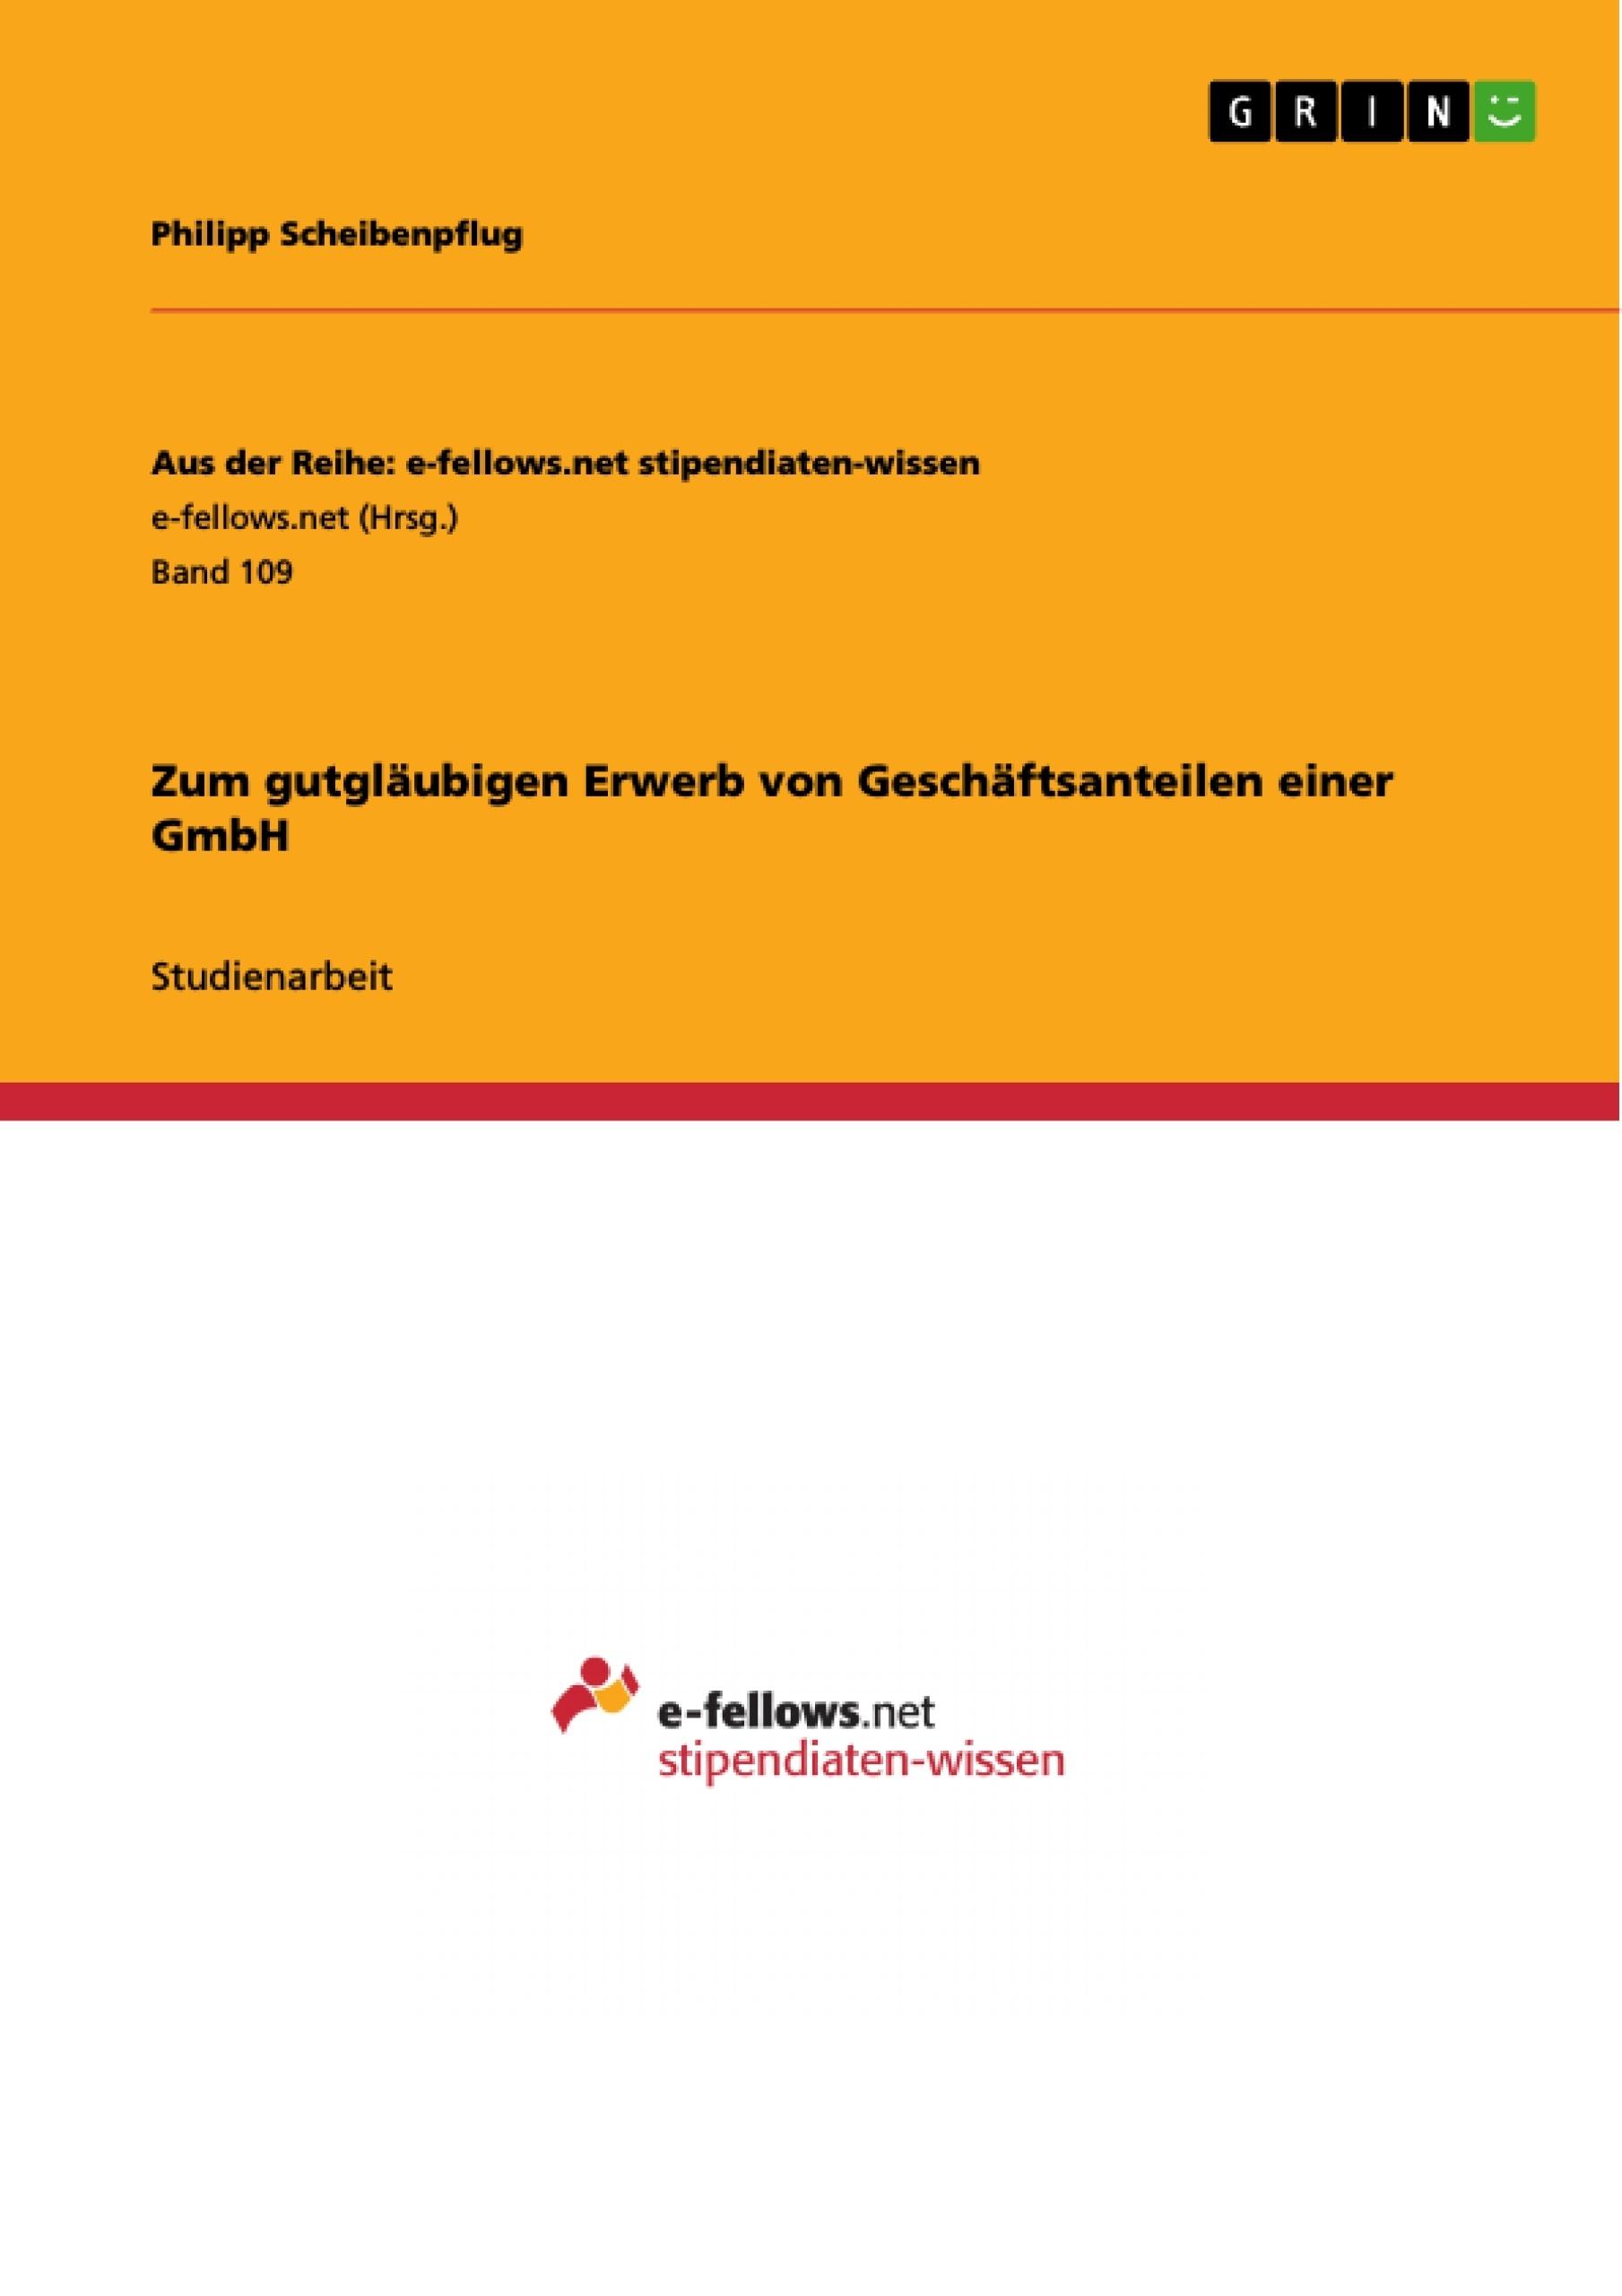 Titel: Zum gutgläubigen Erwerb von Geschäftsanteilen einer GmbH